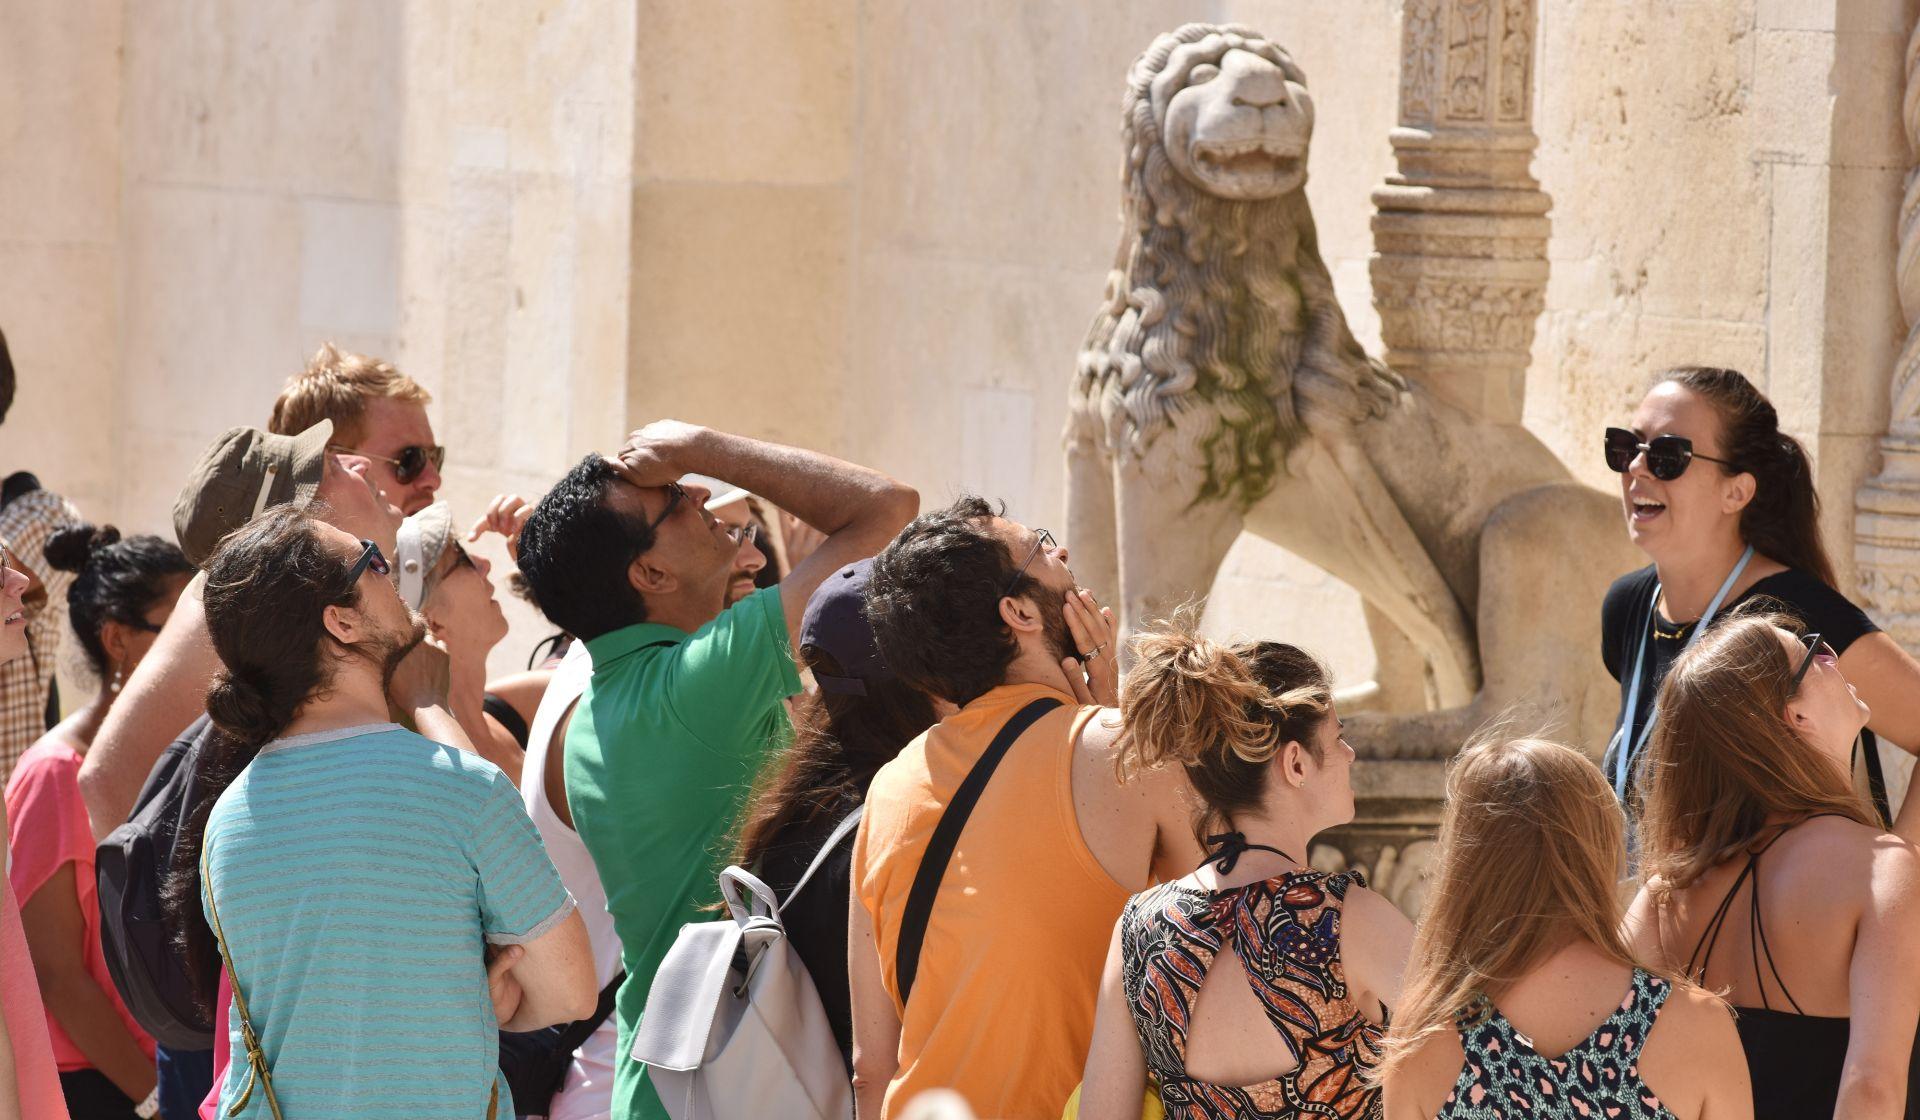 HGK: Objektivno očekivati rast turističkih pokazatelja za oko 7 posto